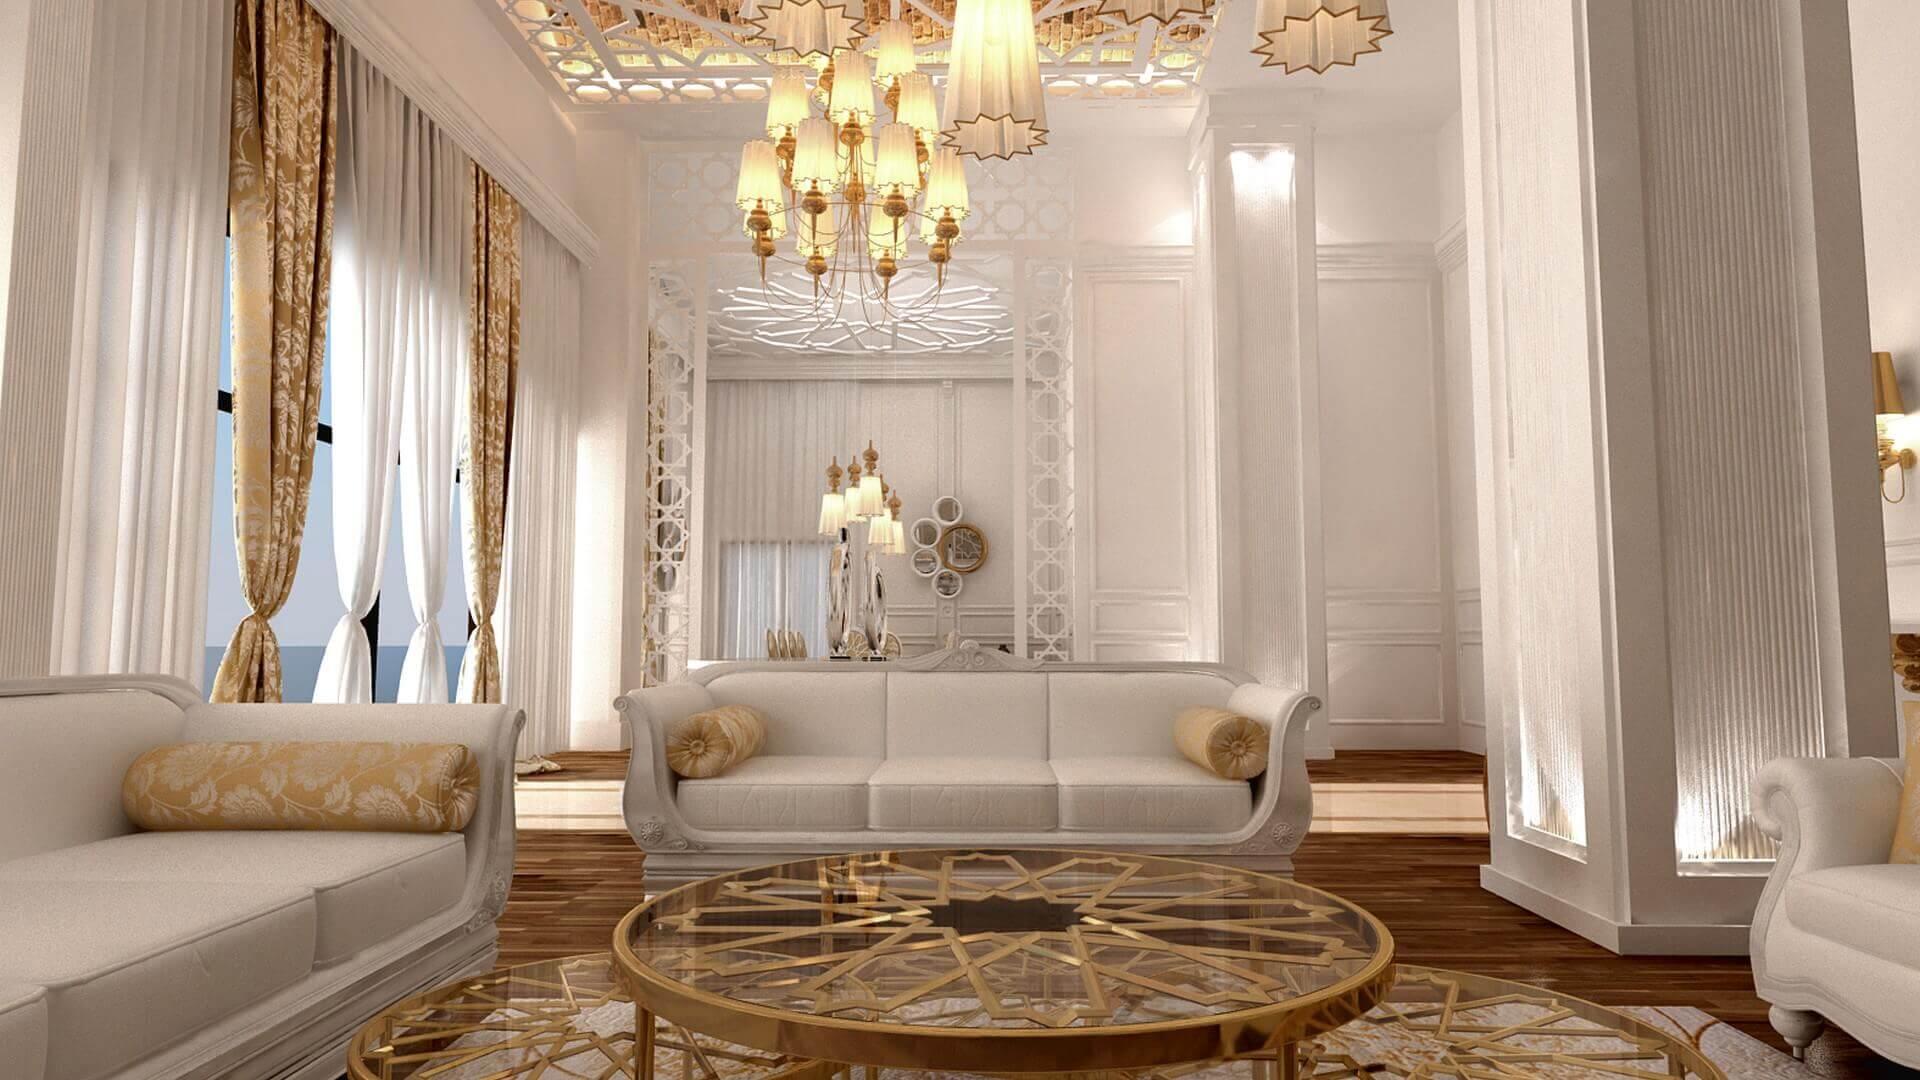 ev dekorasyonu 3020 Oran Rezidans Konutlar